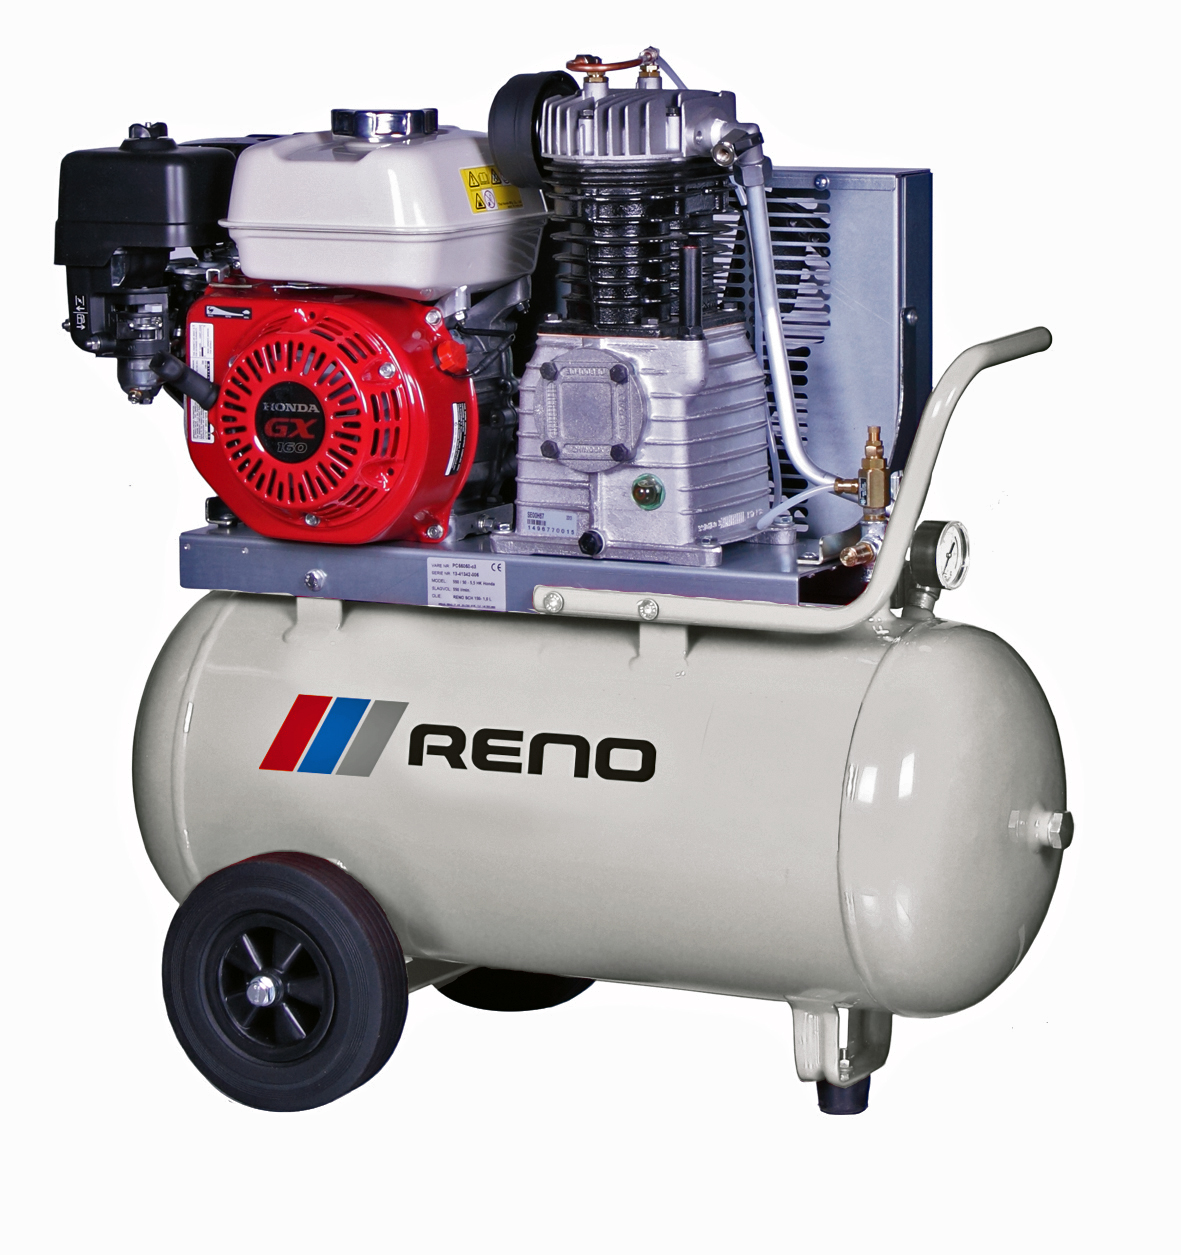 RENO 550/50 Honda 4 Stroke E Start (excl. accu) Image